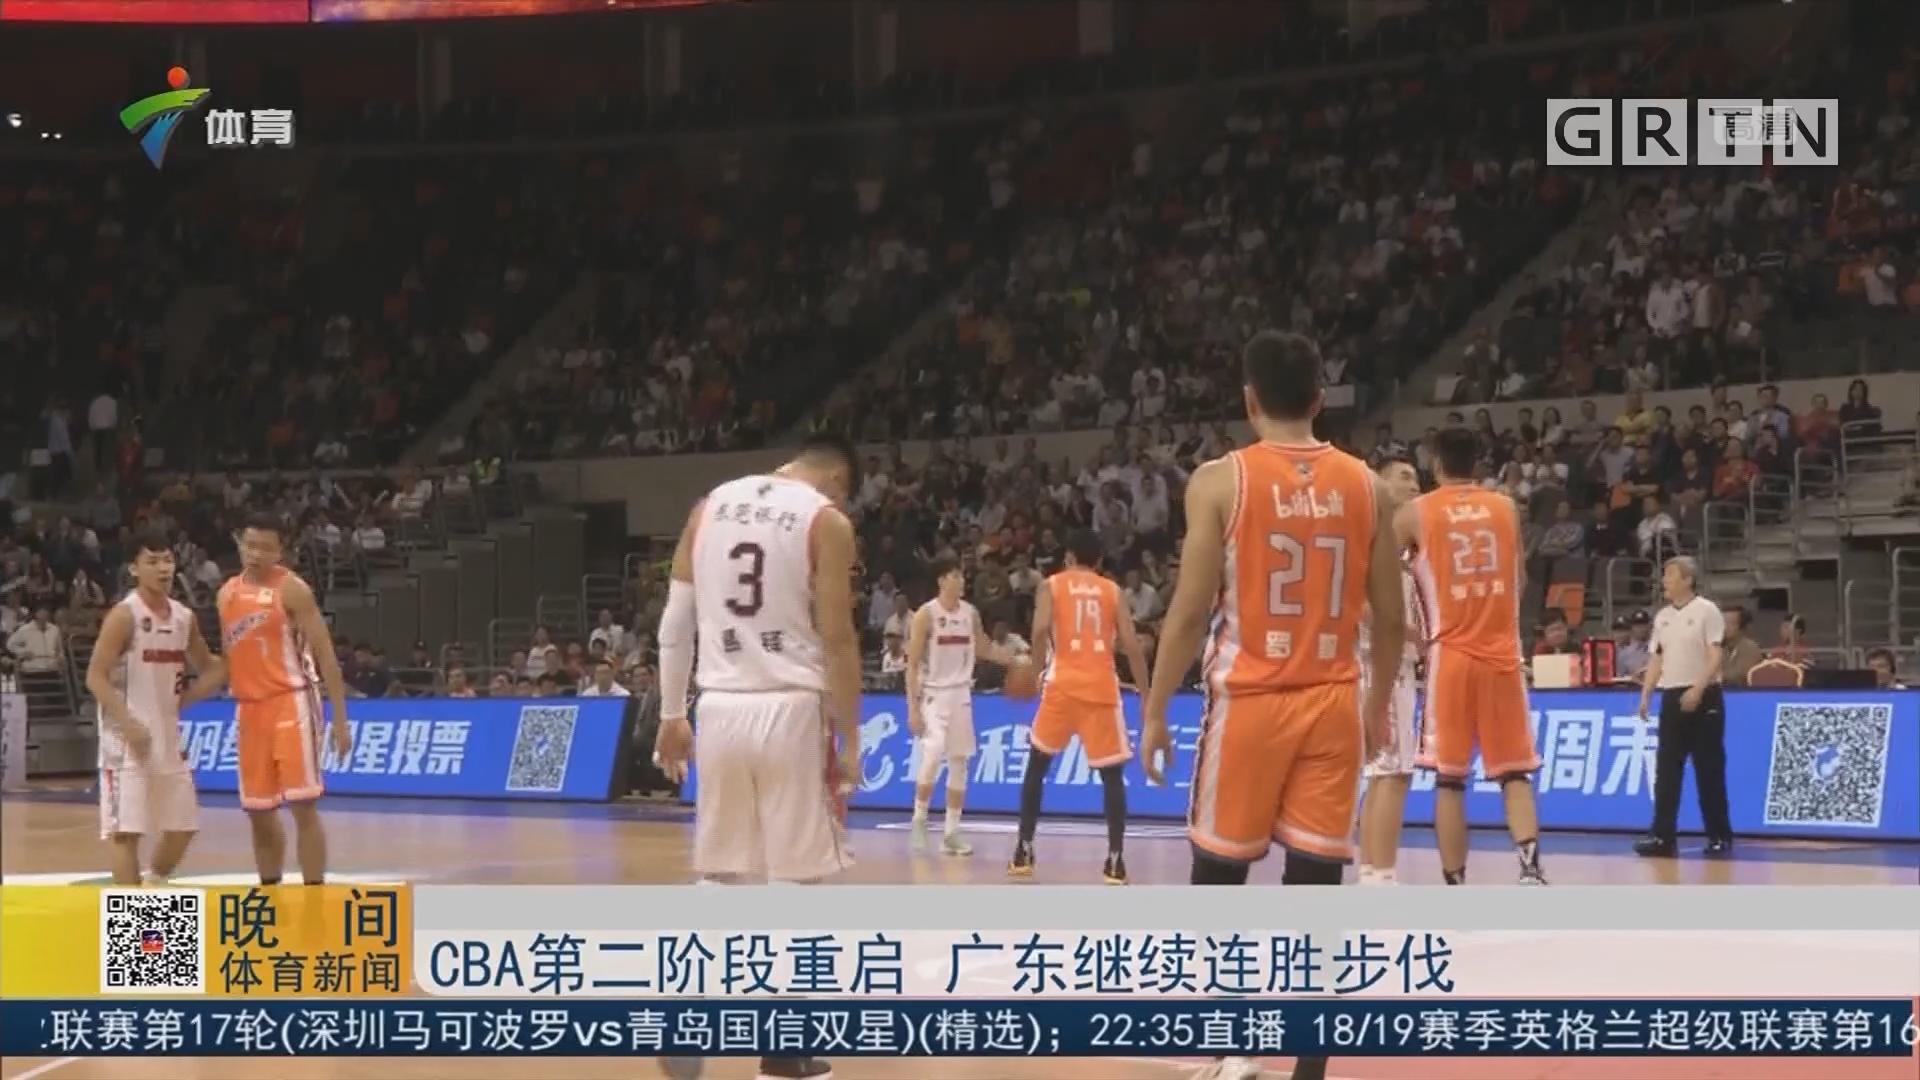 CBA第二阶段重启 广东继续连胜步伐